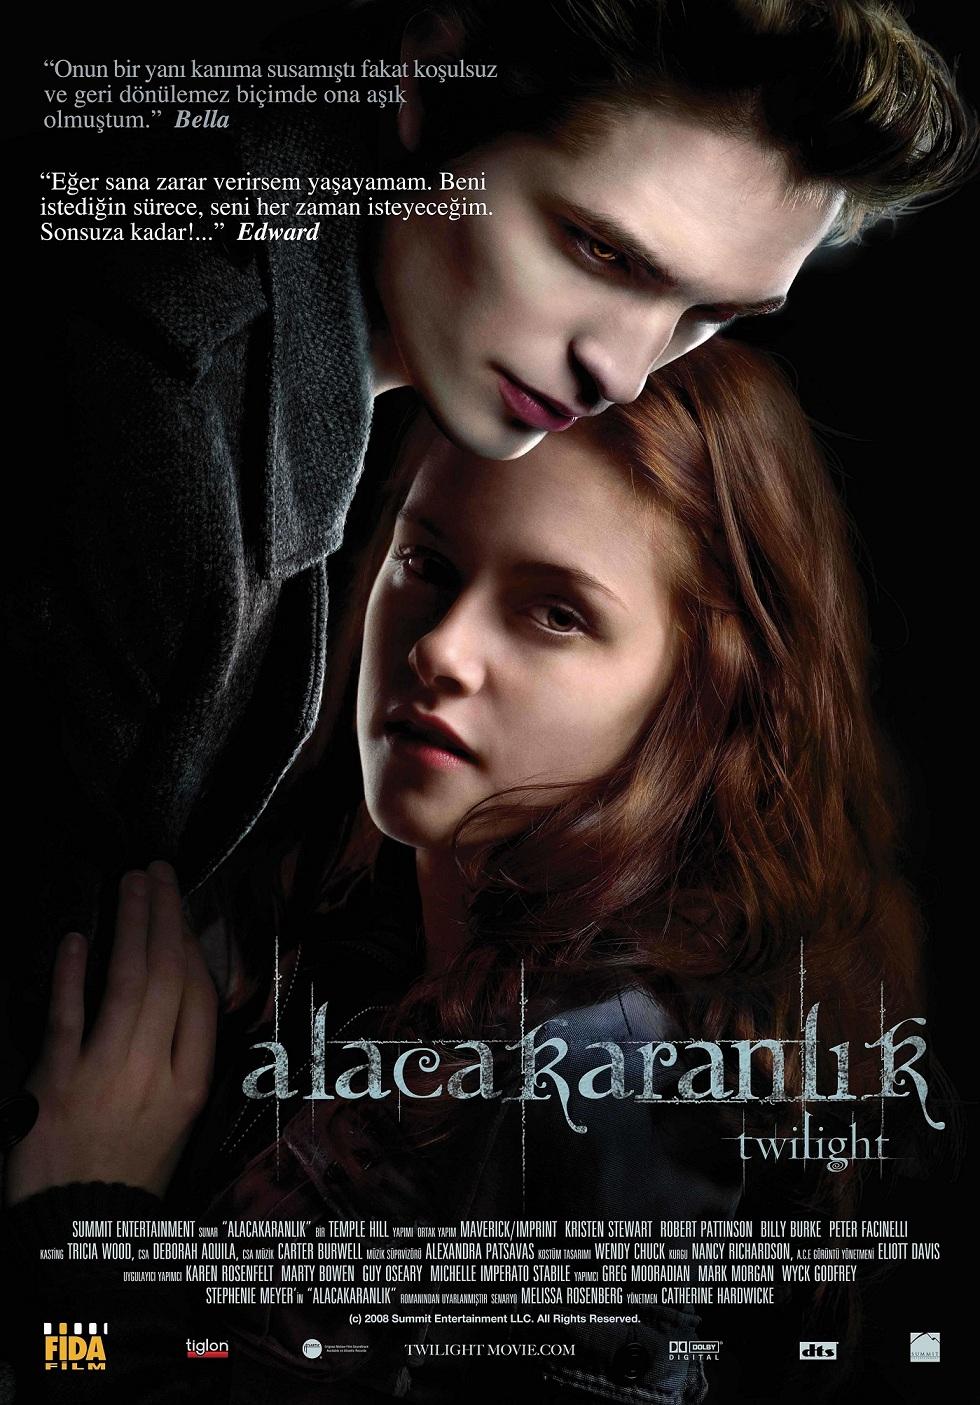 Alacakaranlık – Twilight 2008 Türkçe Dublaj izle